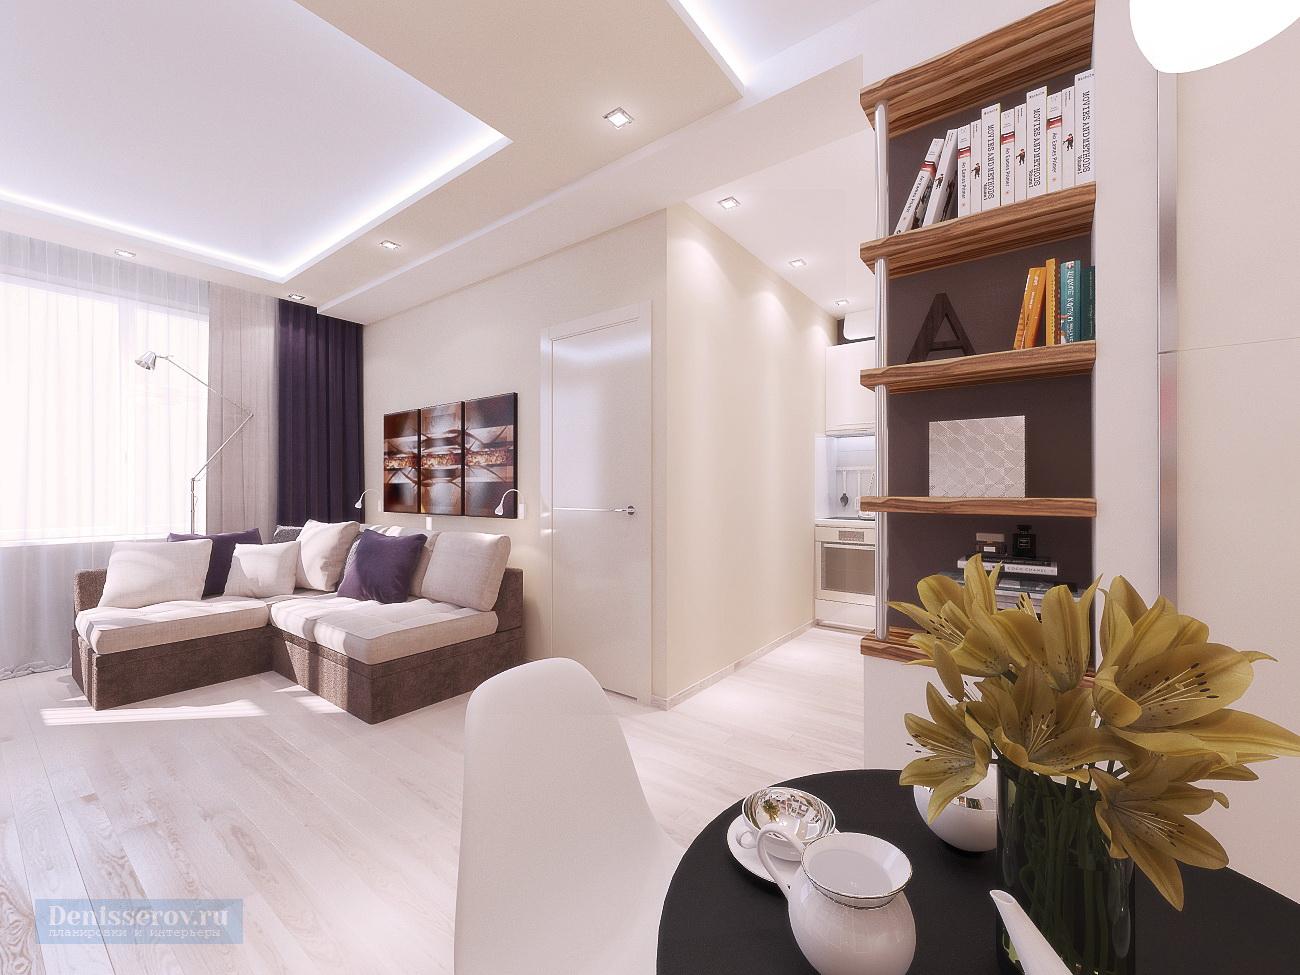 Дизайн проект 1 комнатной квартиры 35 кв.м. с современном стиле